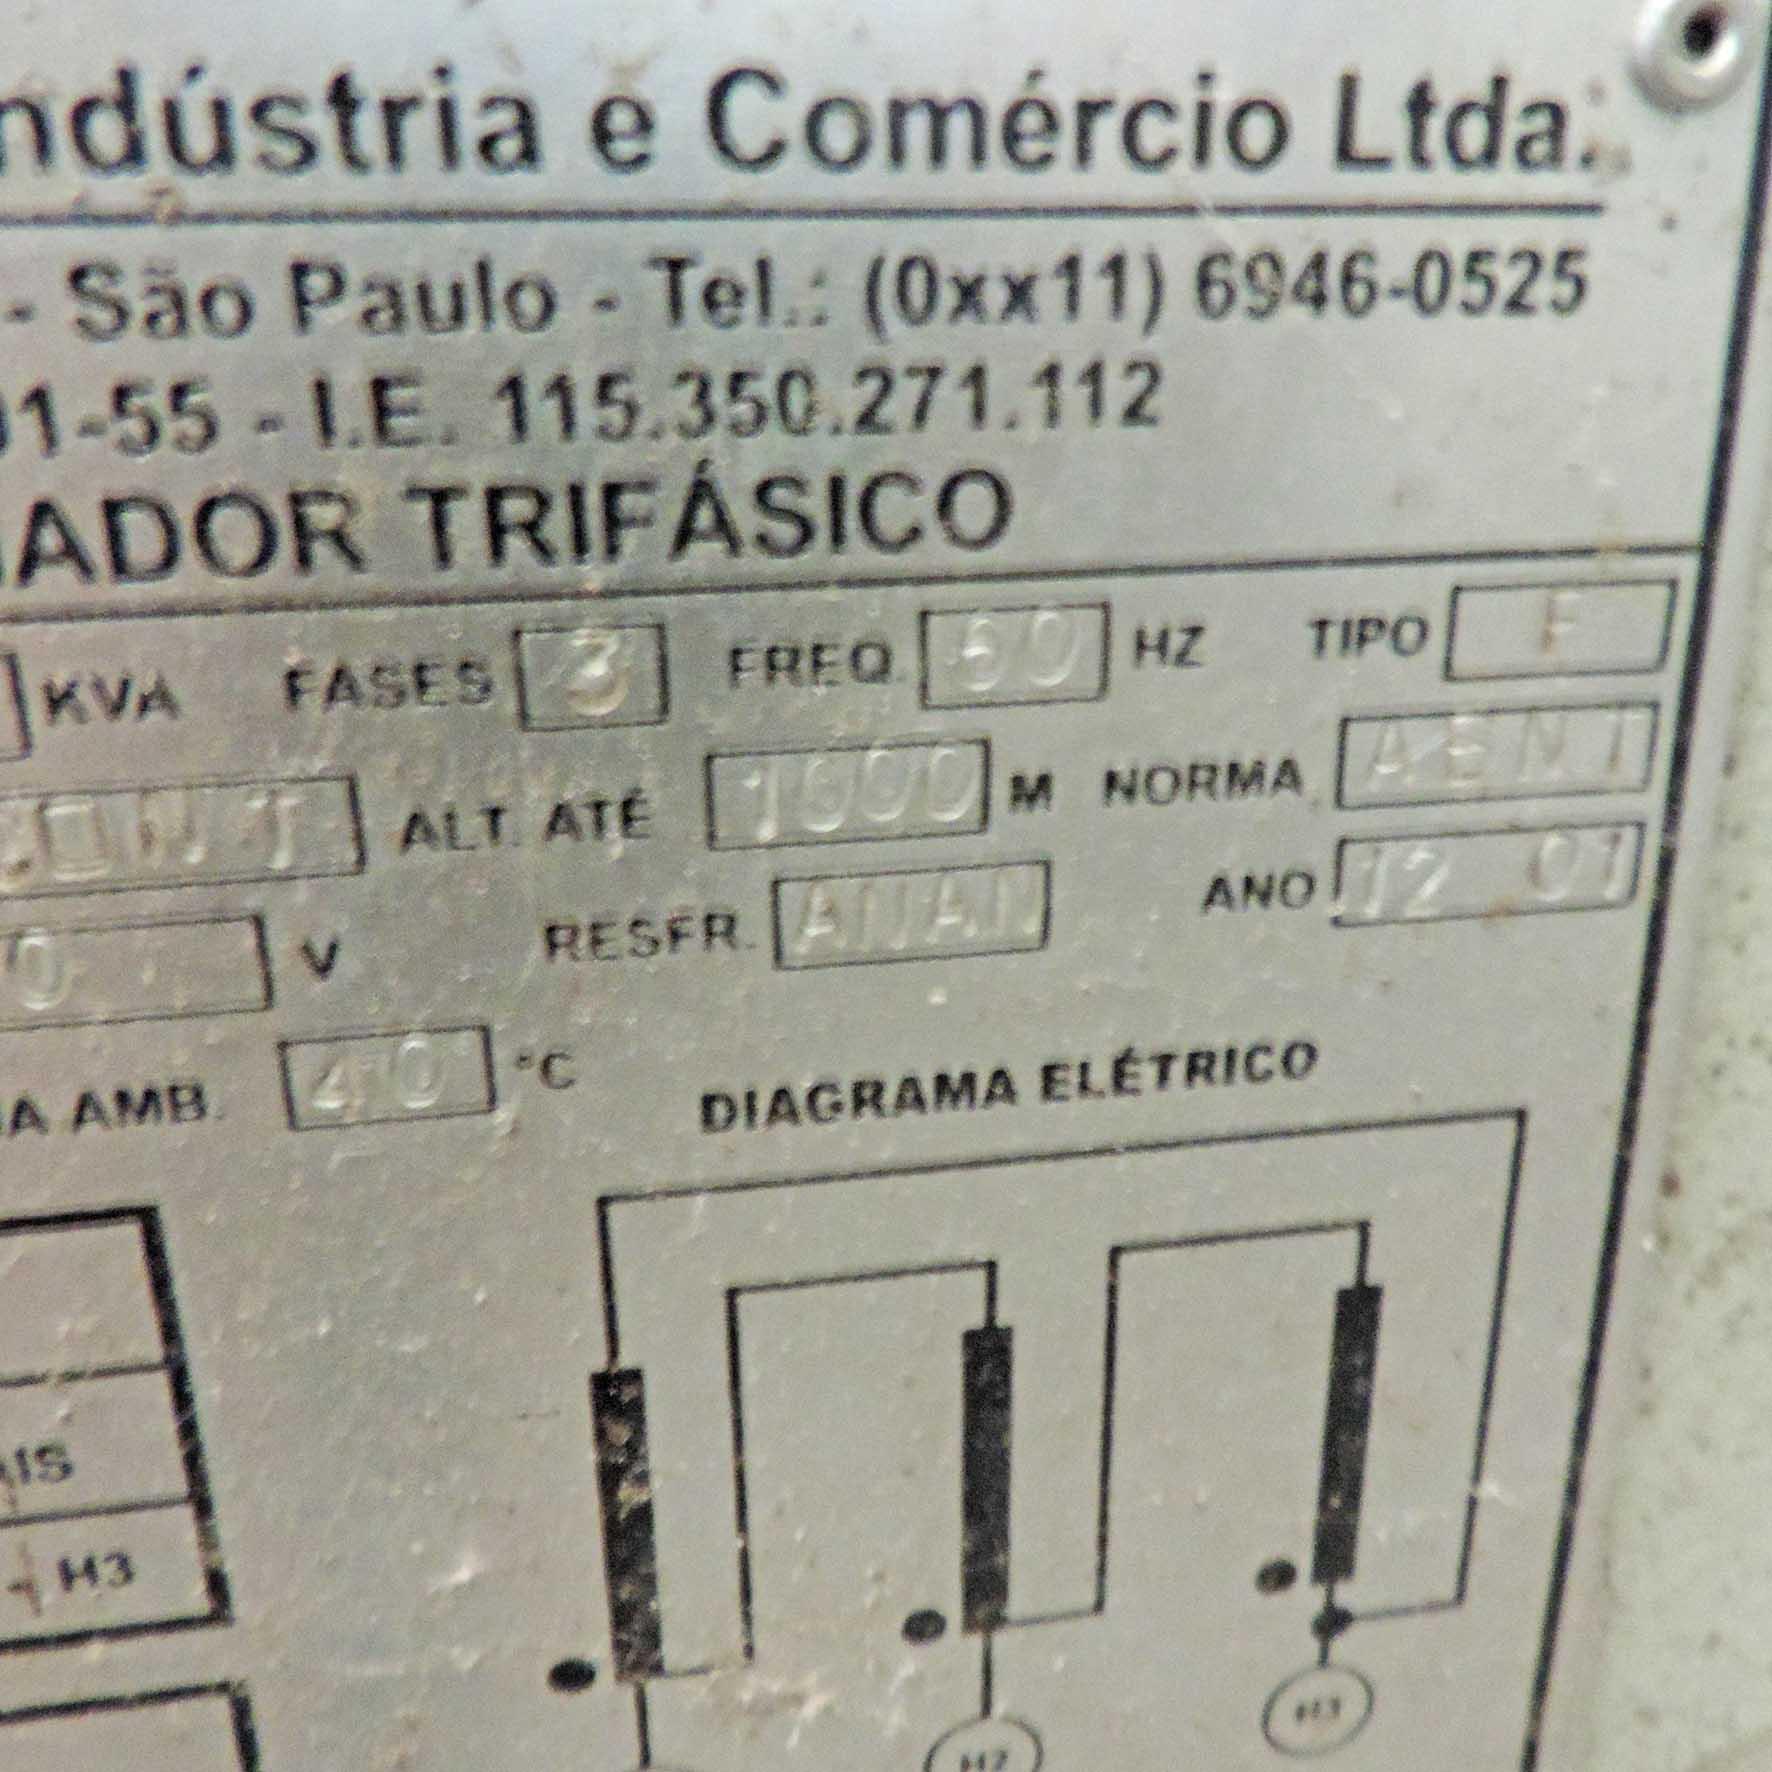 Auto Trafo 27 Kwa 380/440 V Transformador - SP118 Usado